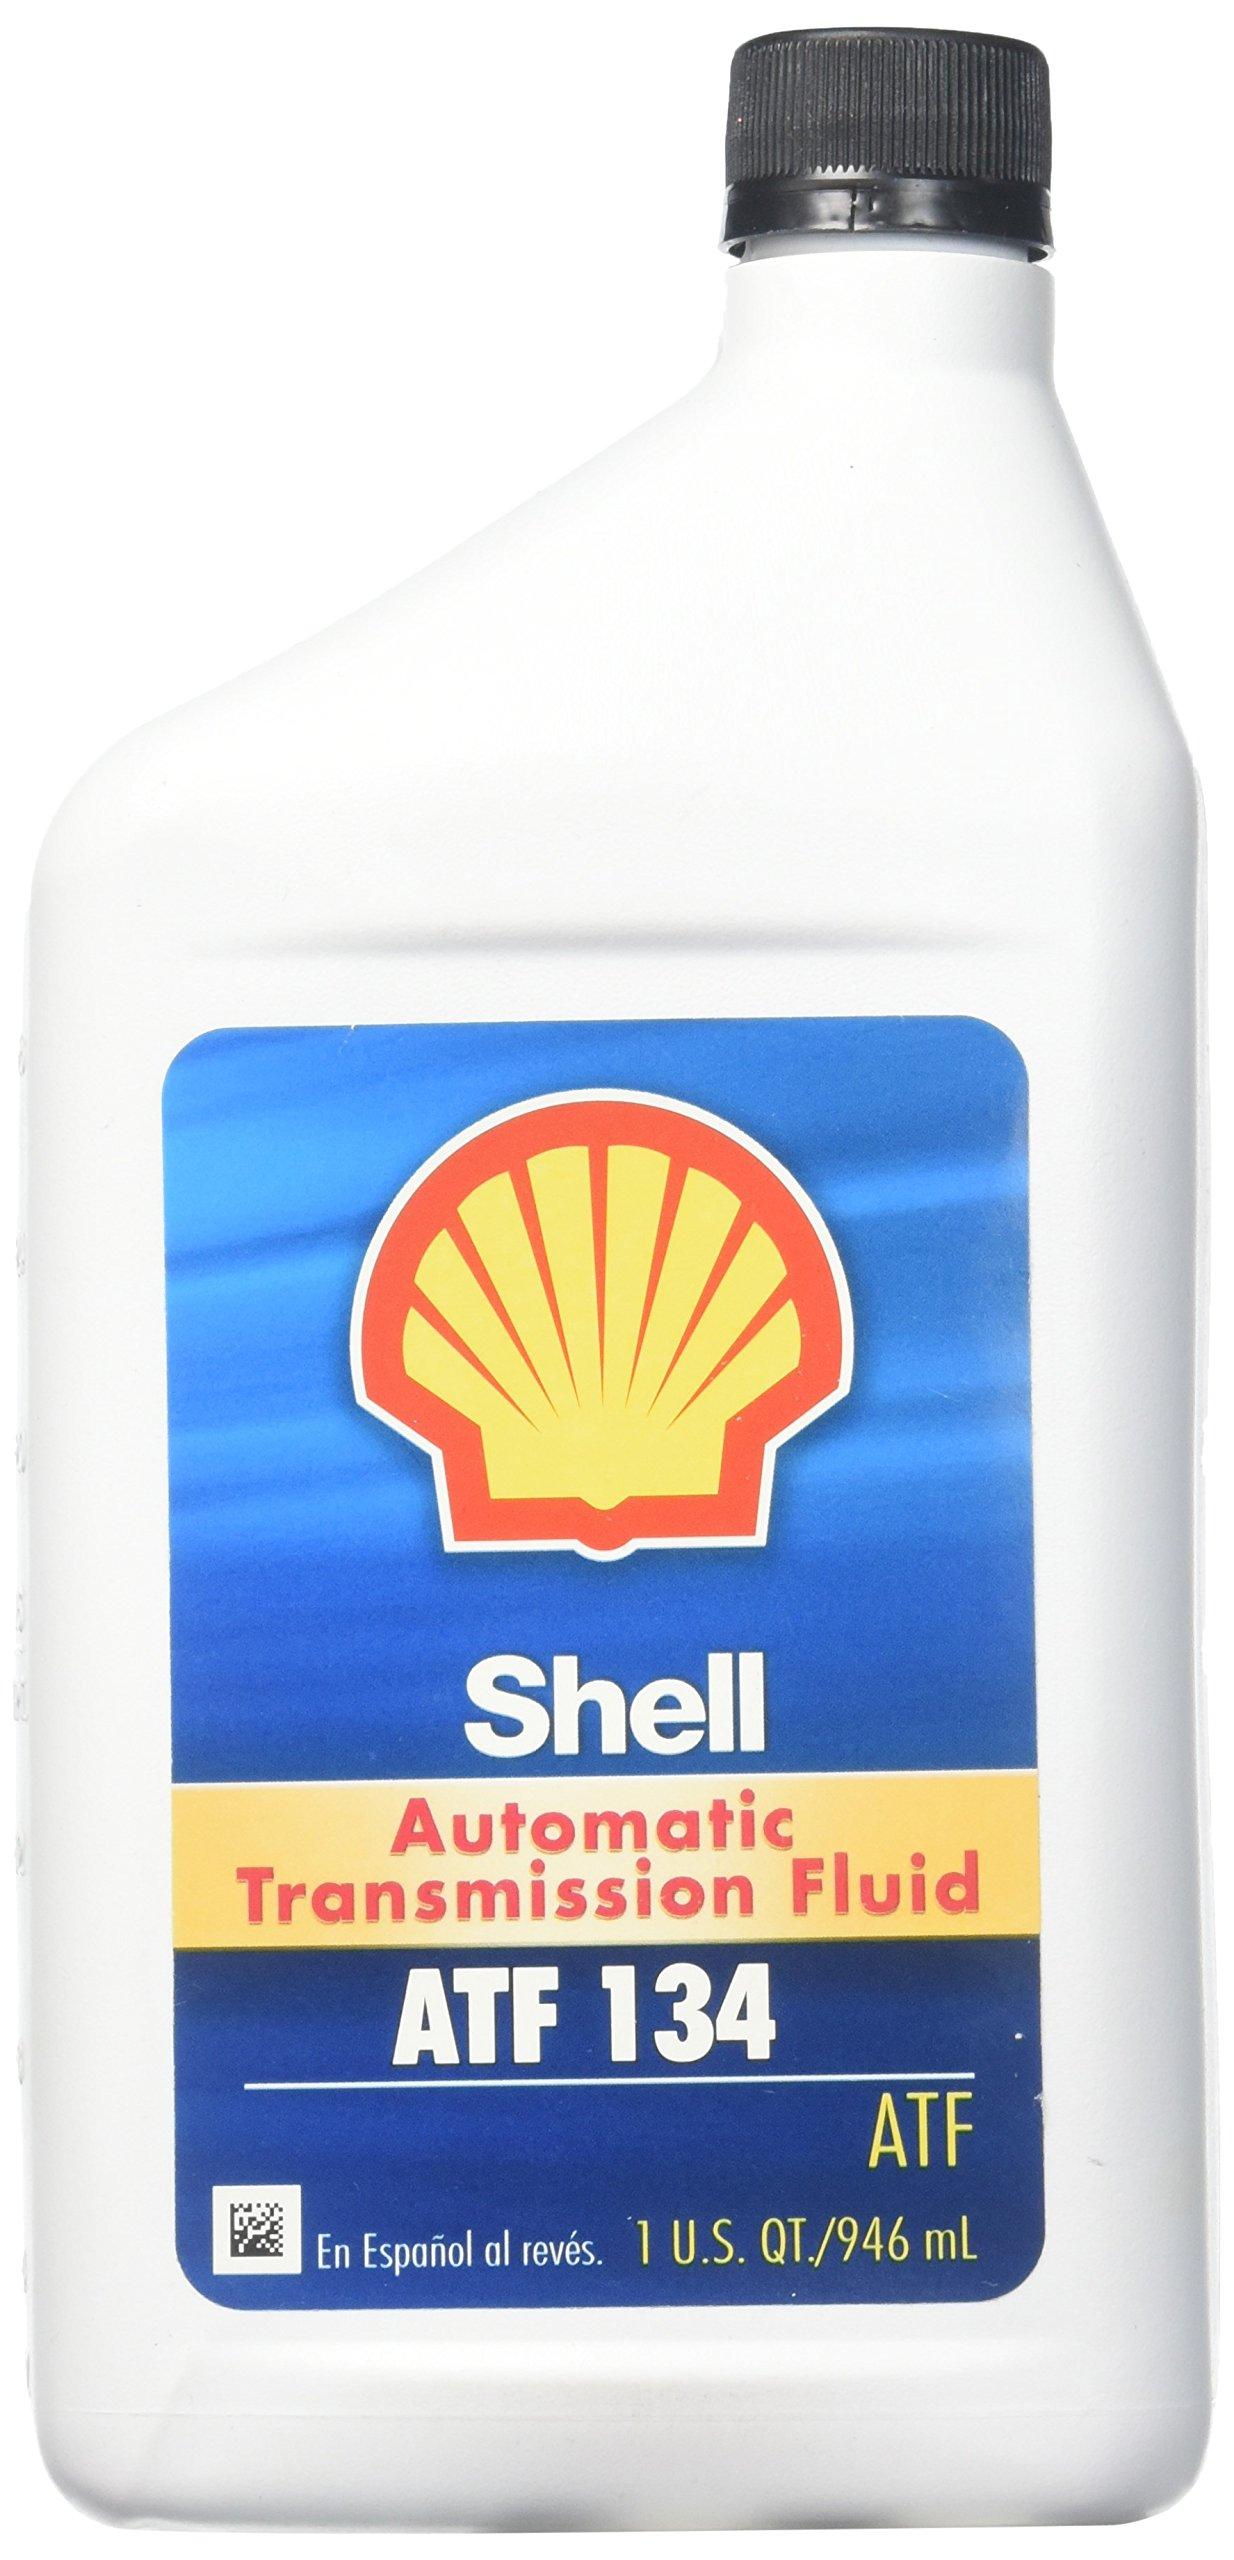 Shell ATF 134 Mercedes Benz Transmission Fluid 236.14 236.12,1 U.S. QT,946 mL